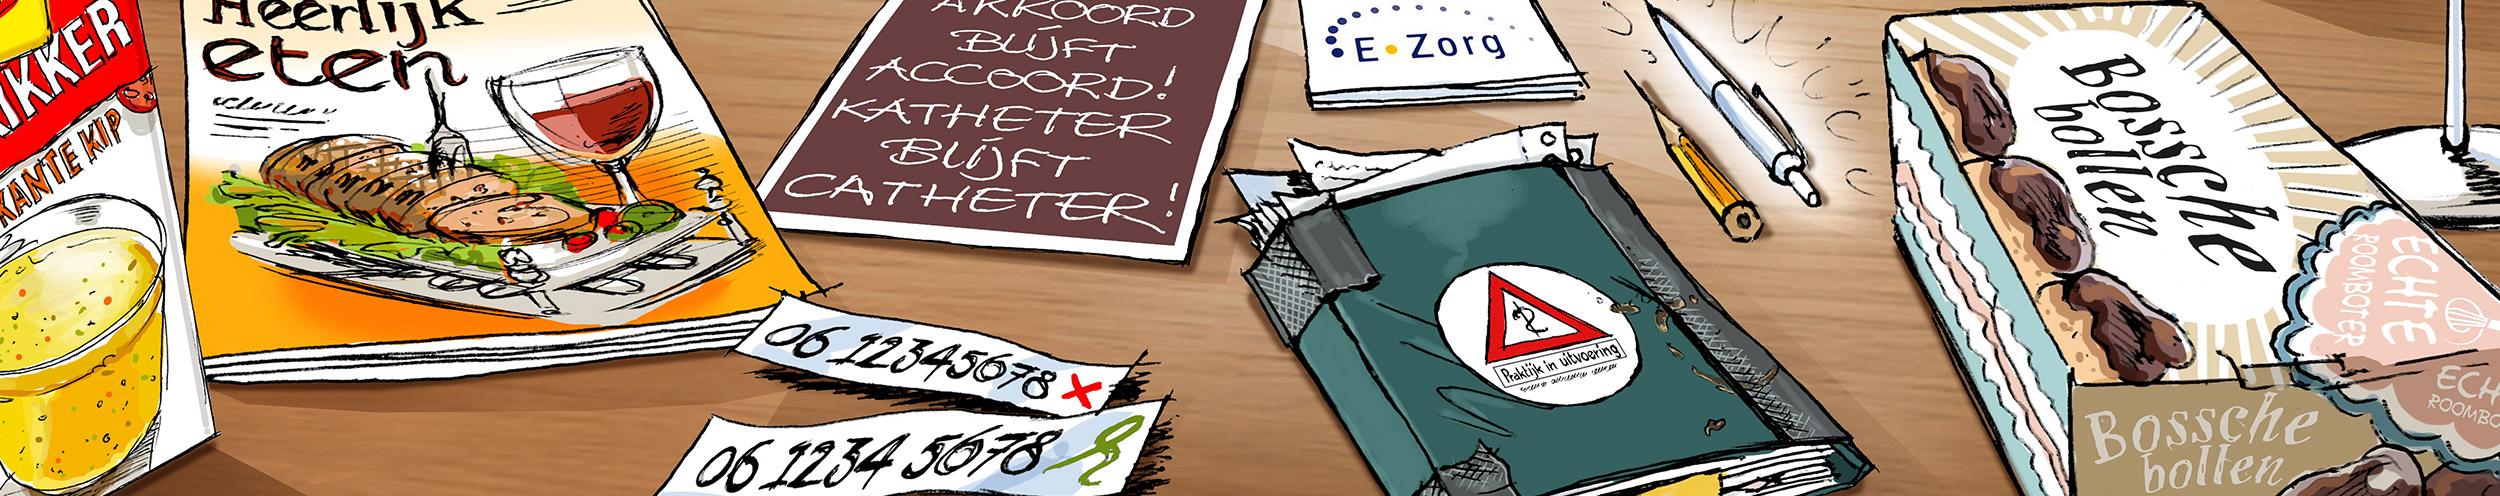 karikatuurcadeau-eZorg-Welh-2